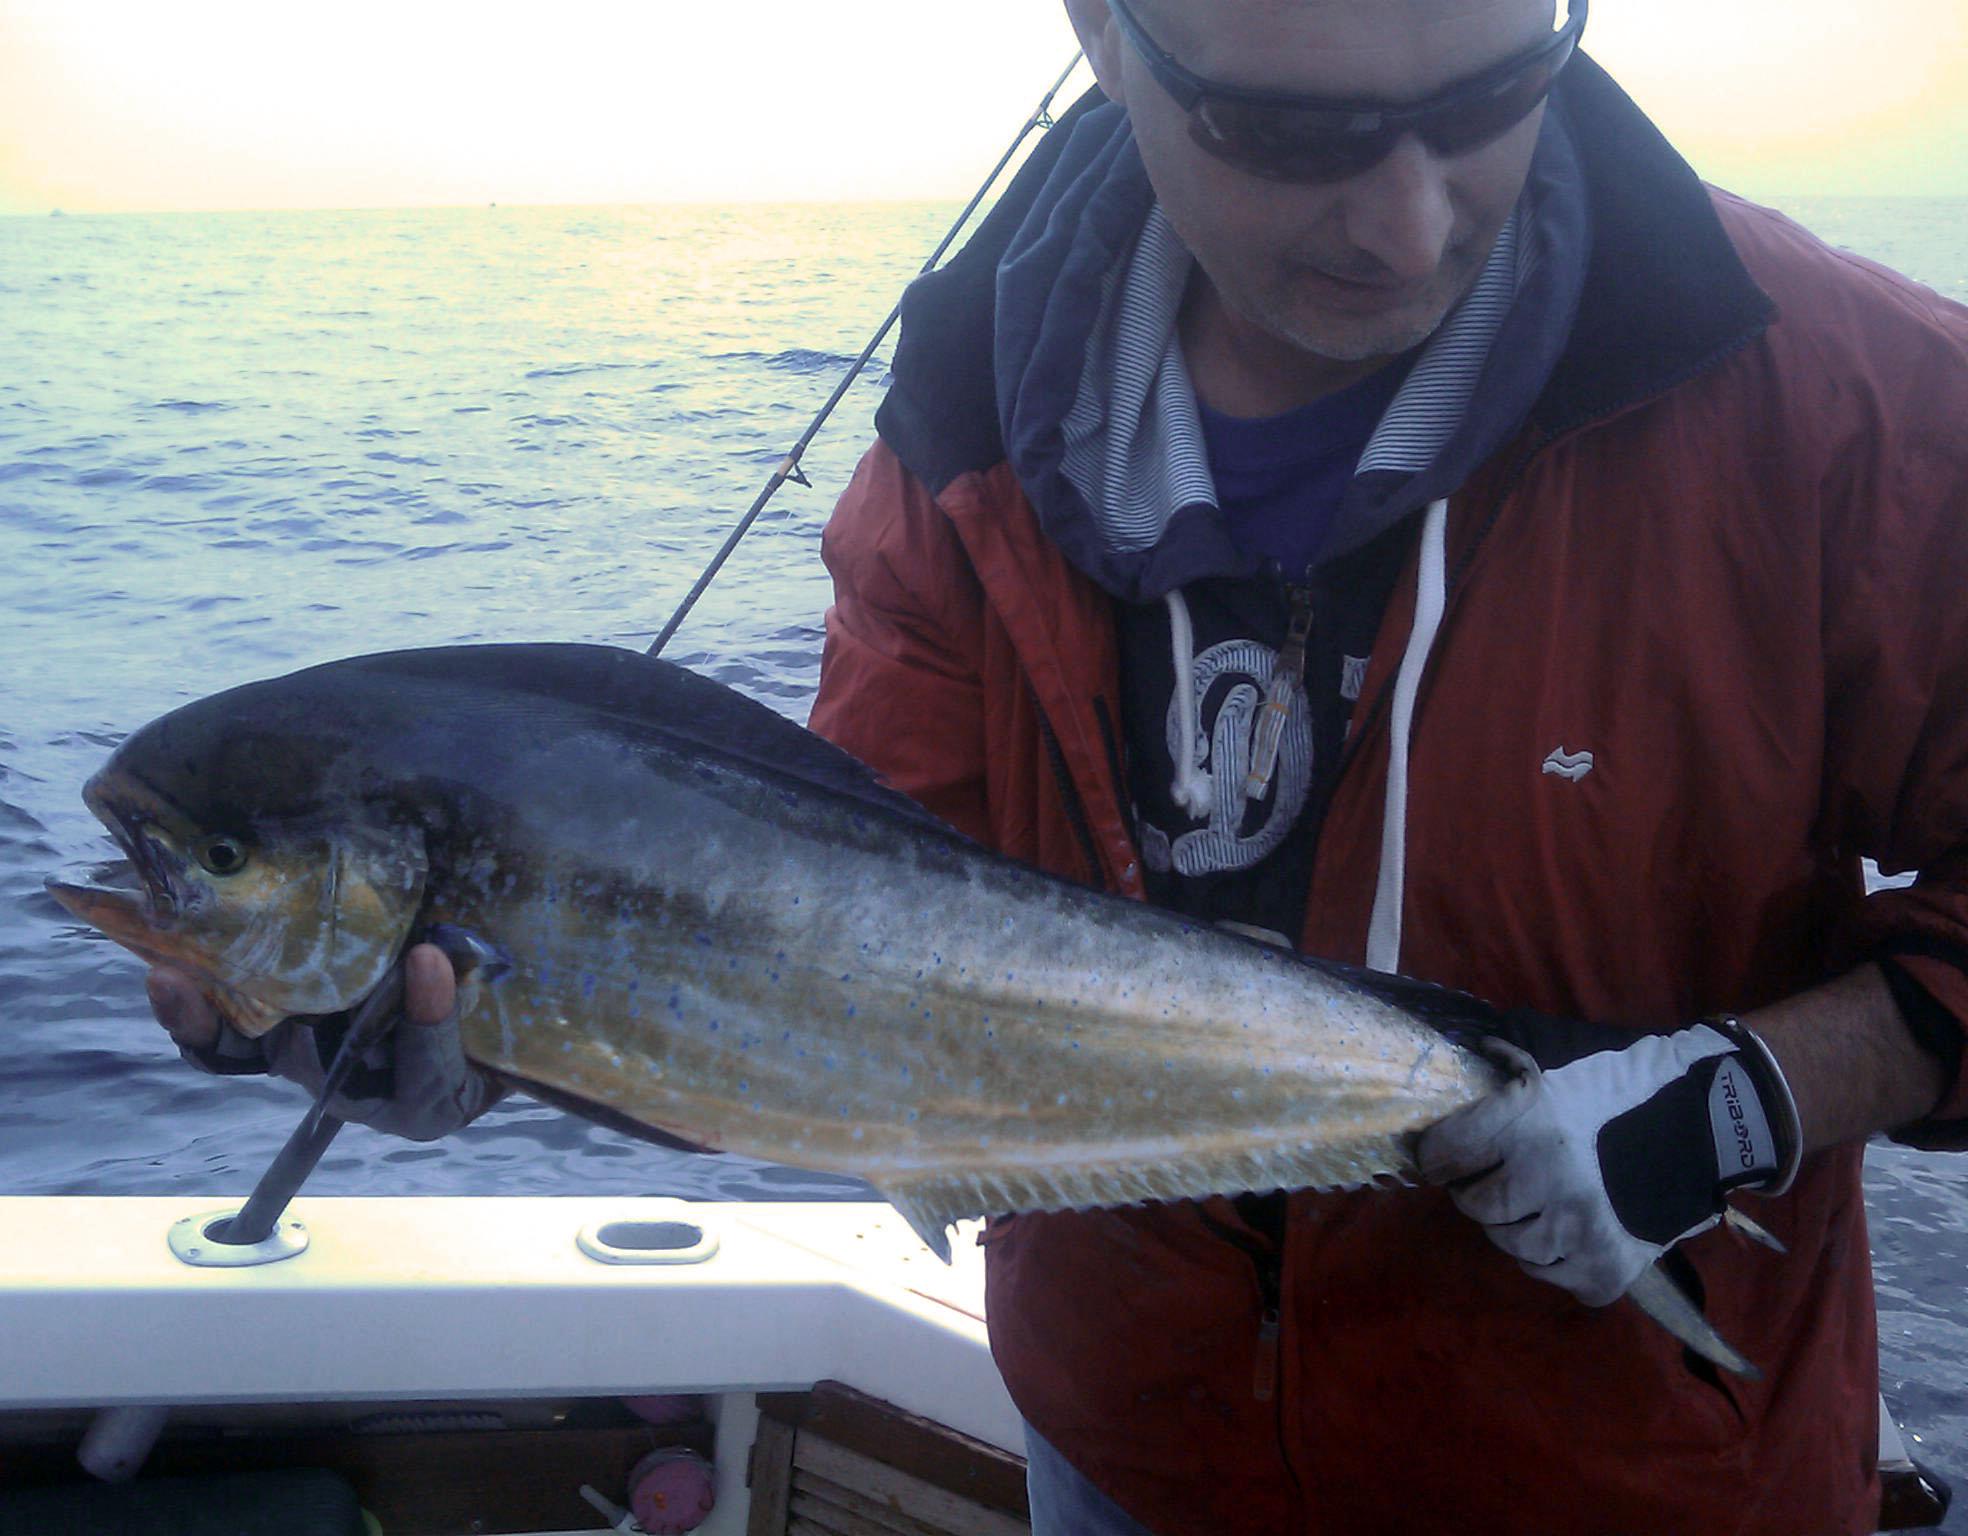 Gioco pesca fantastica con dinamite